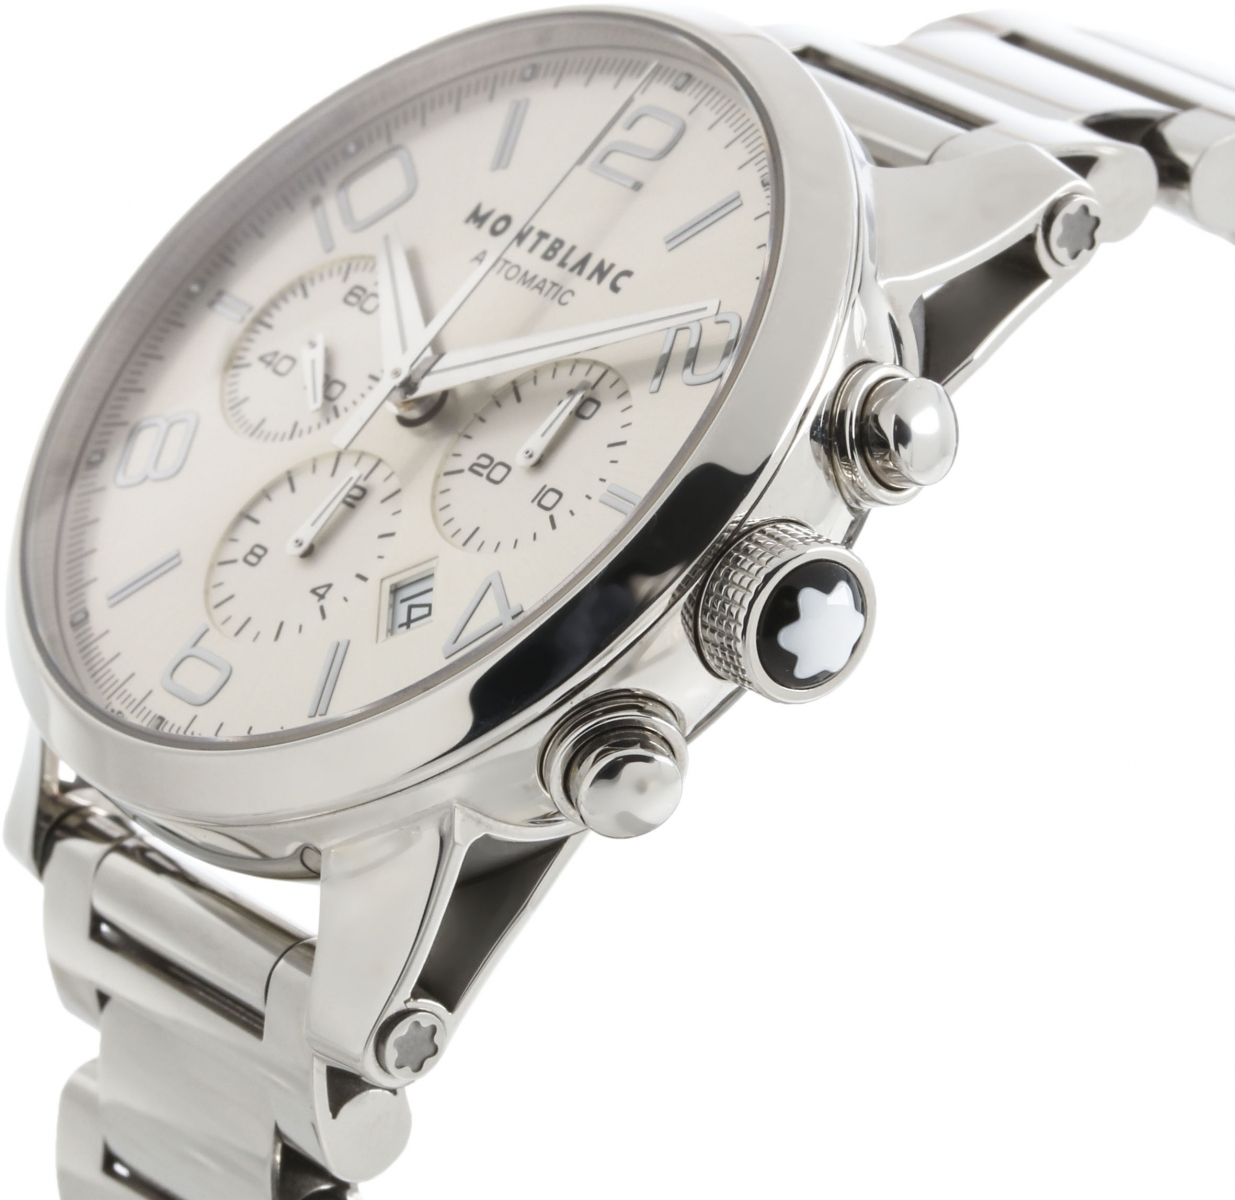 Часы montblanc продам экзамены сдать классный как час